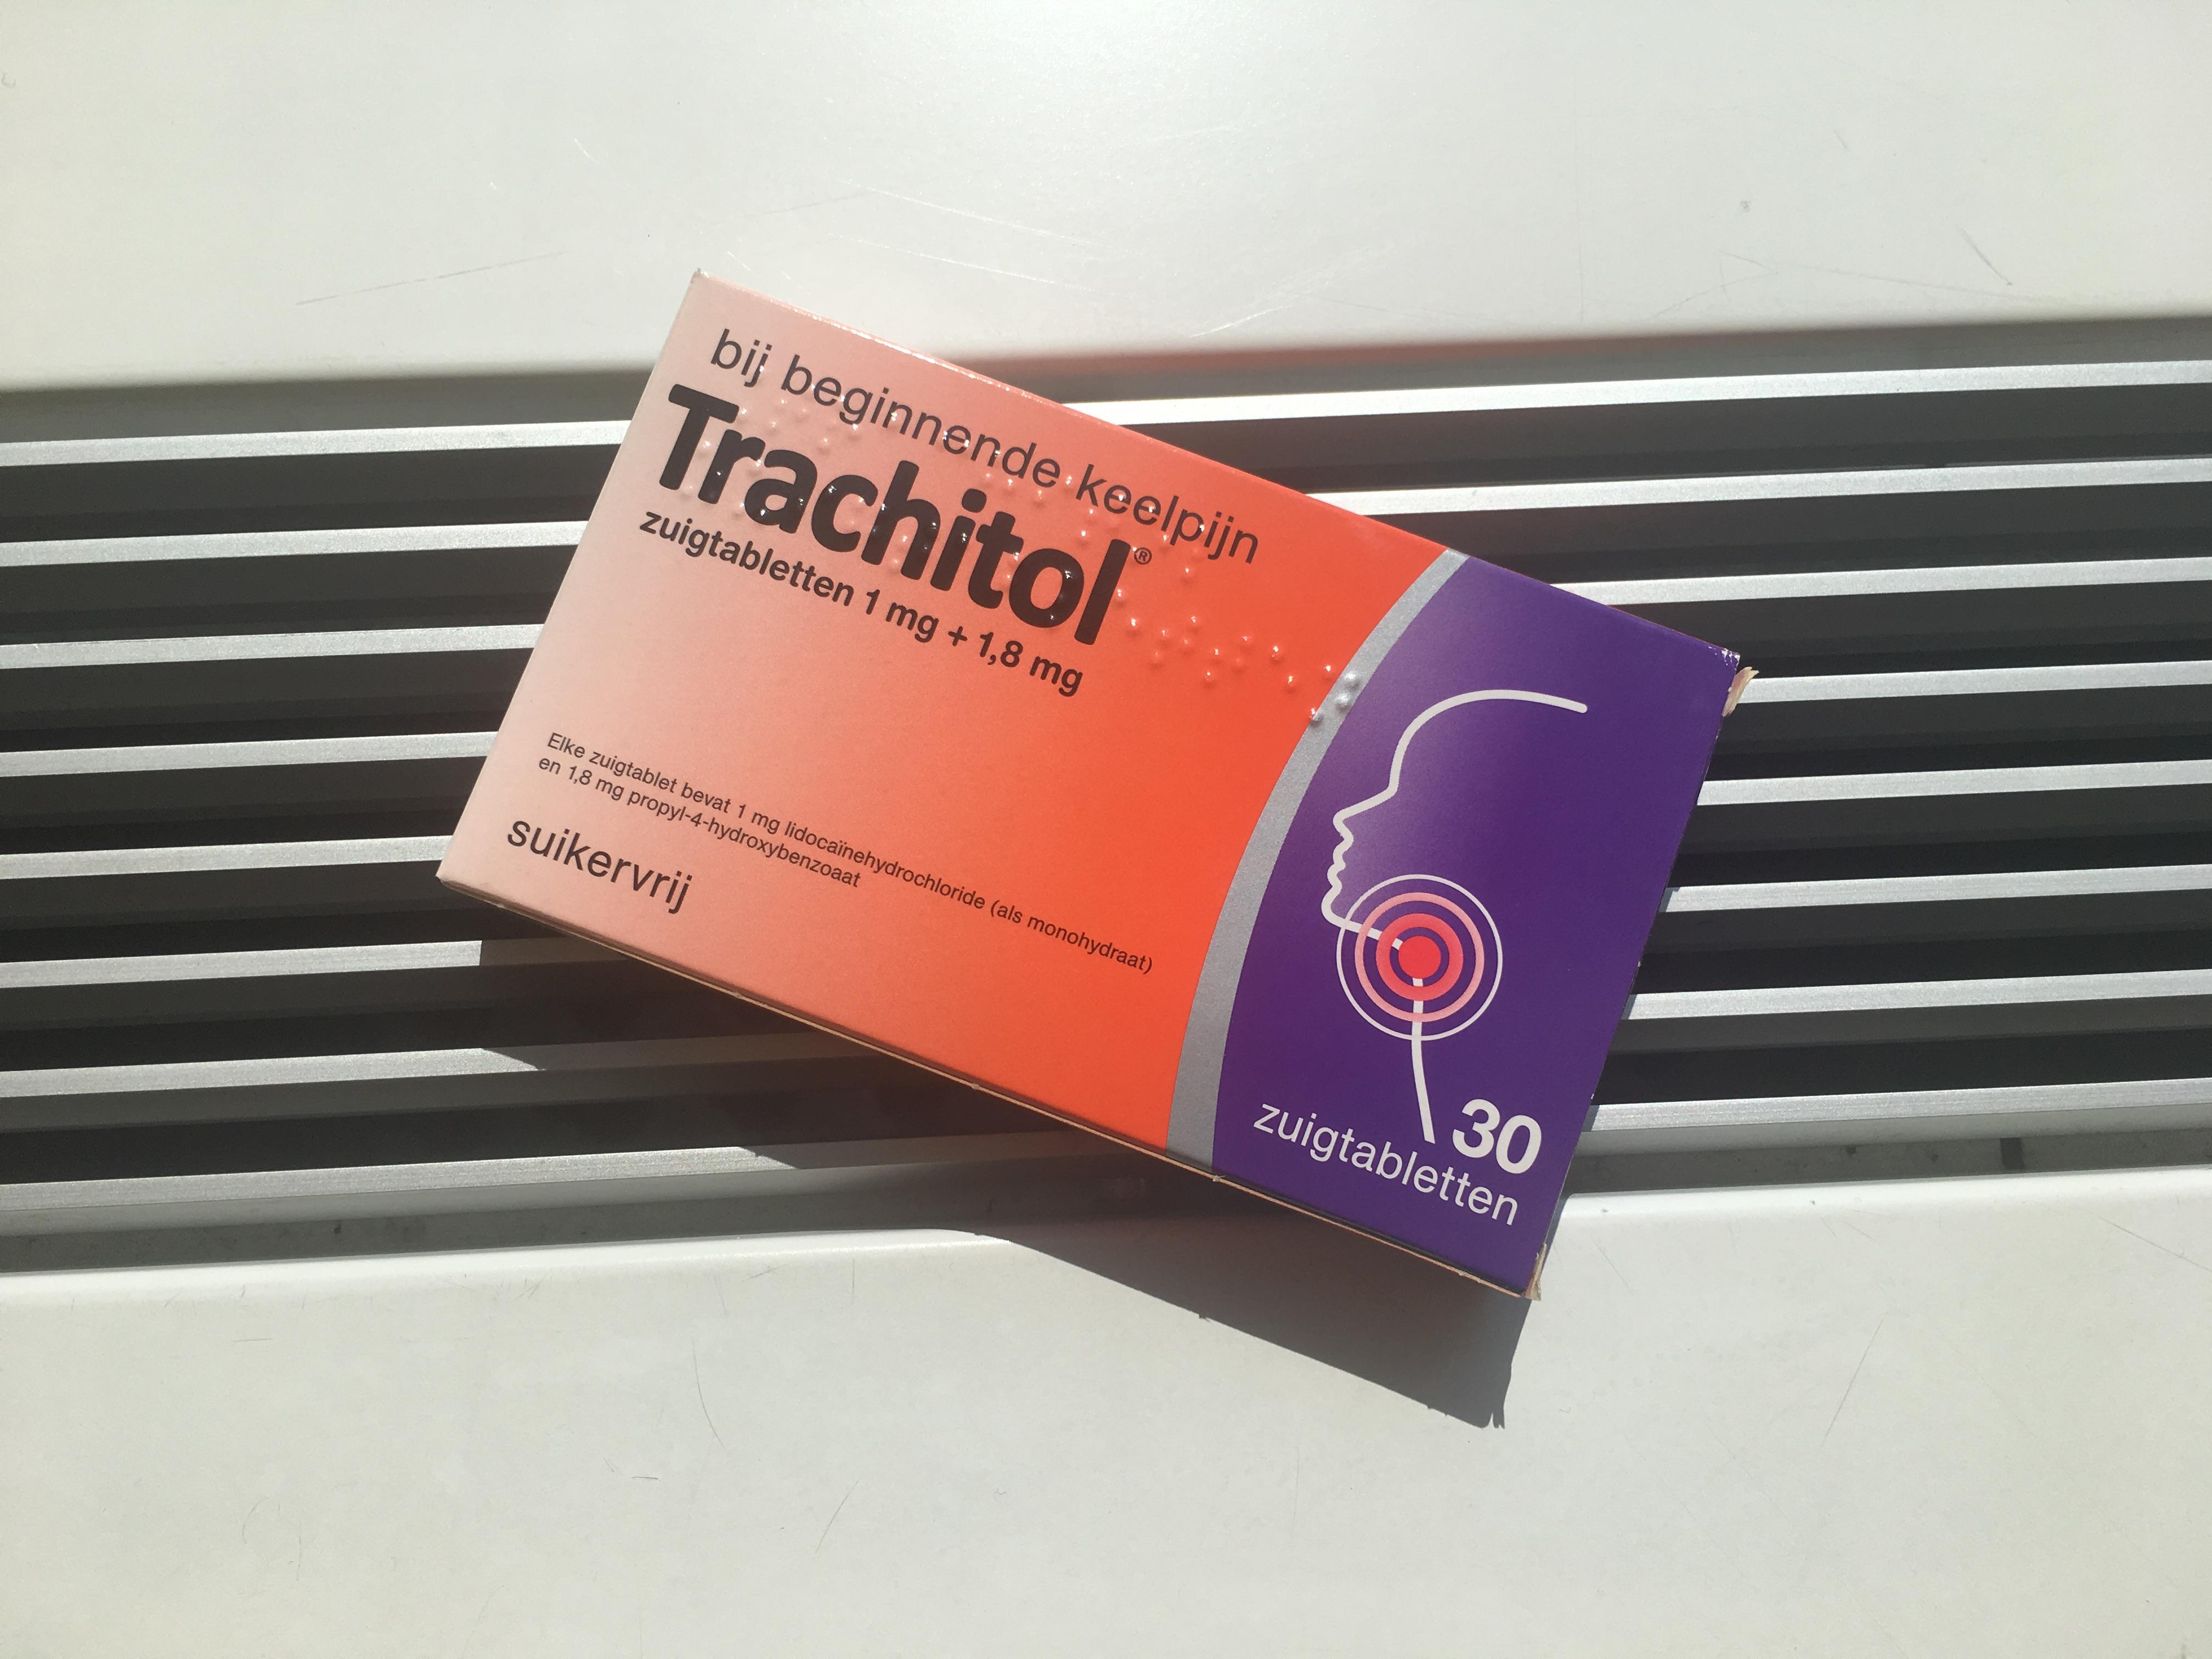 Wat is de ideale temperatuur op kantoor of in huis? - Trachitol.nl